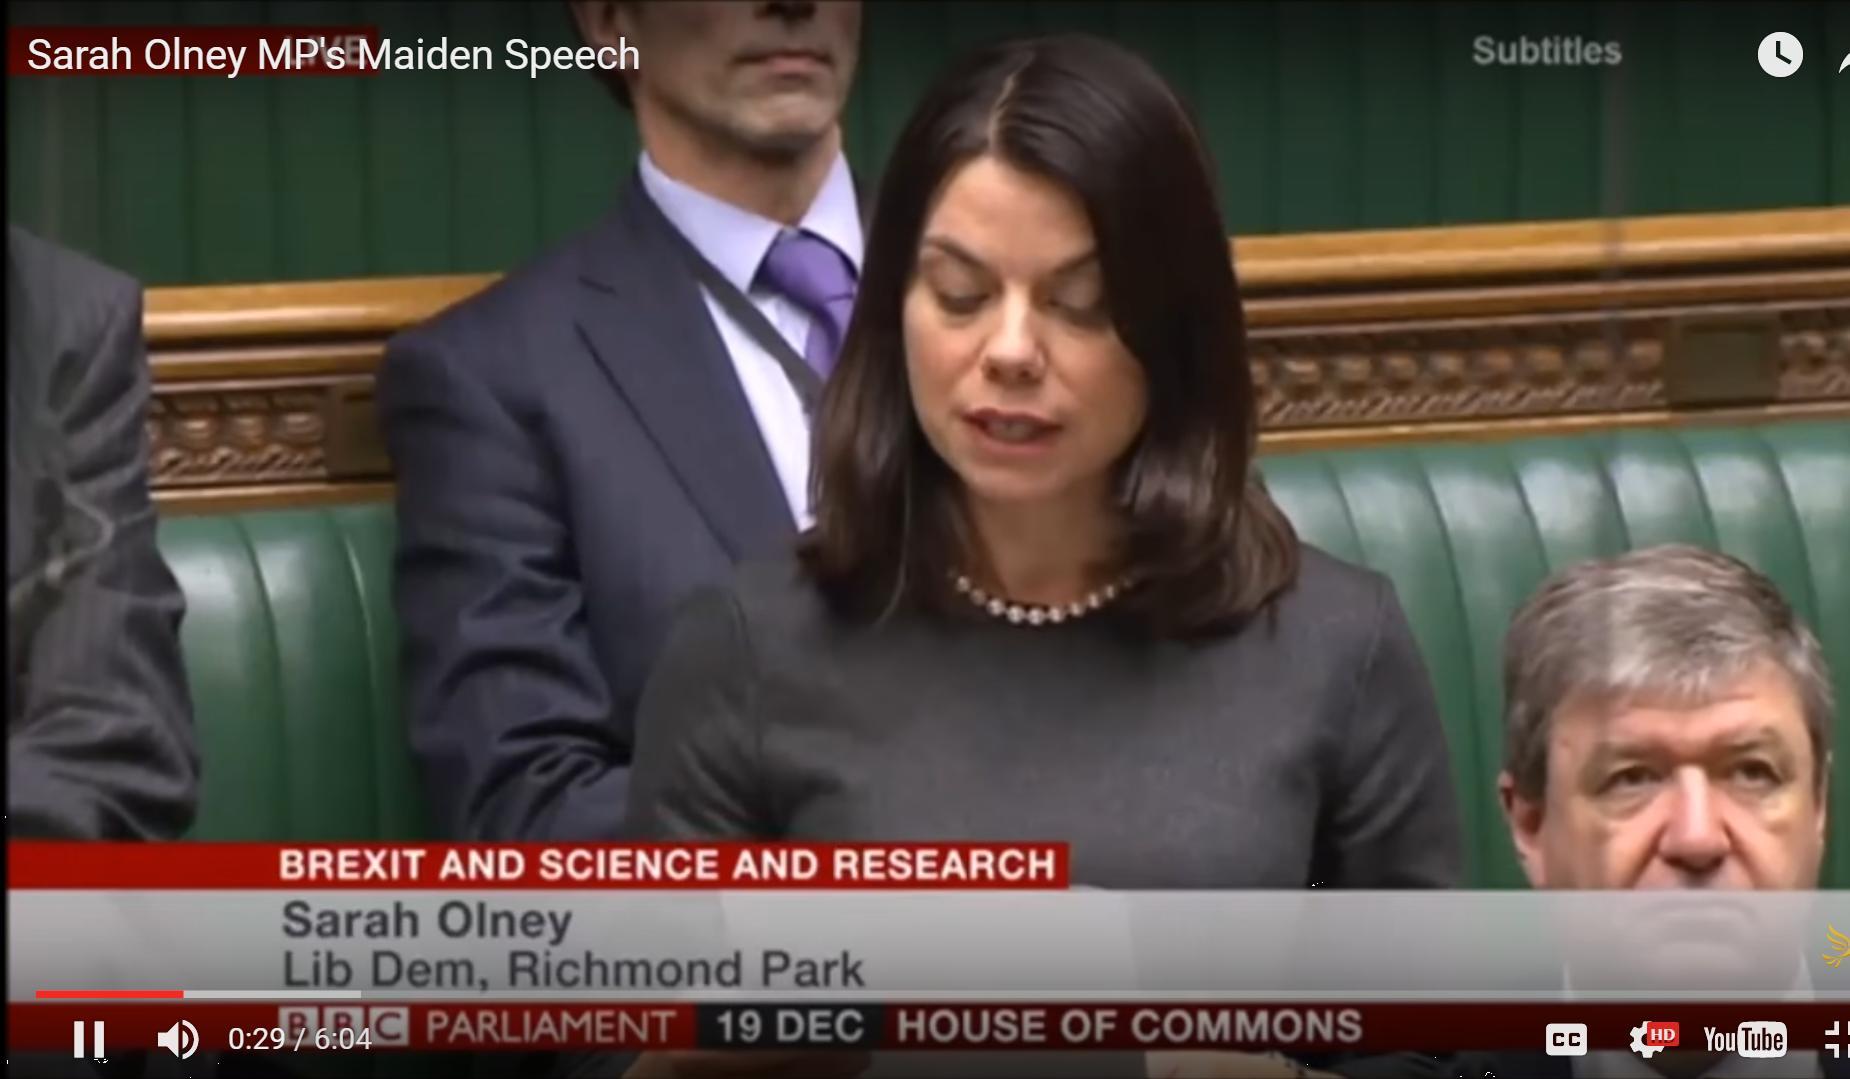 Watch Sarah Olney's maiden speech in Parliament